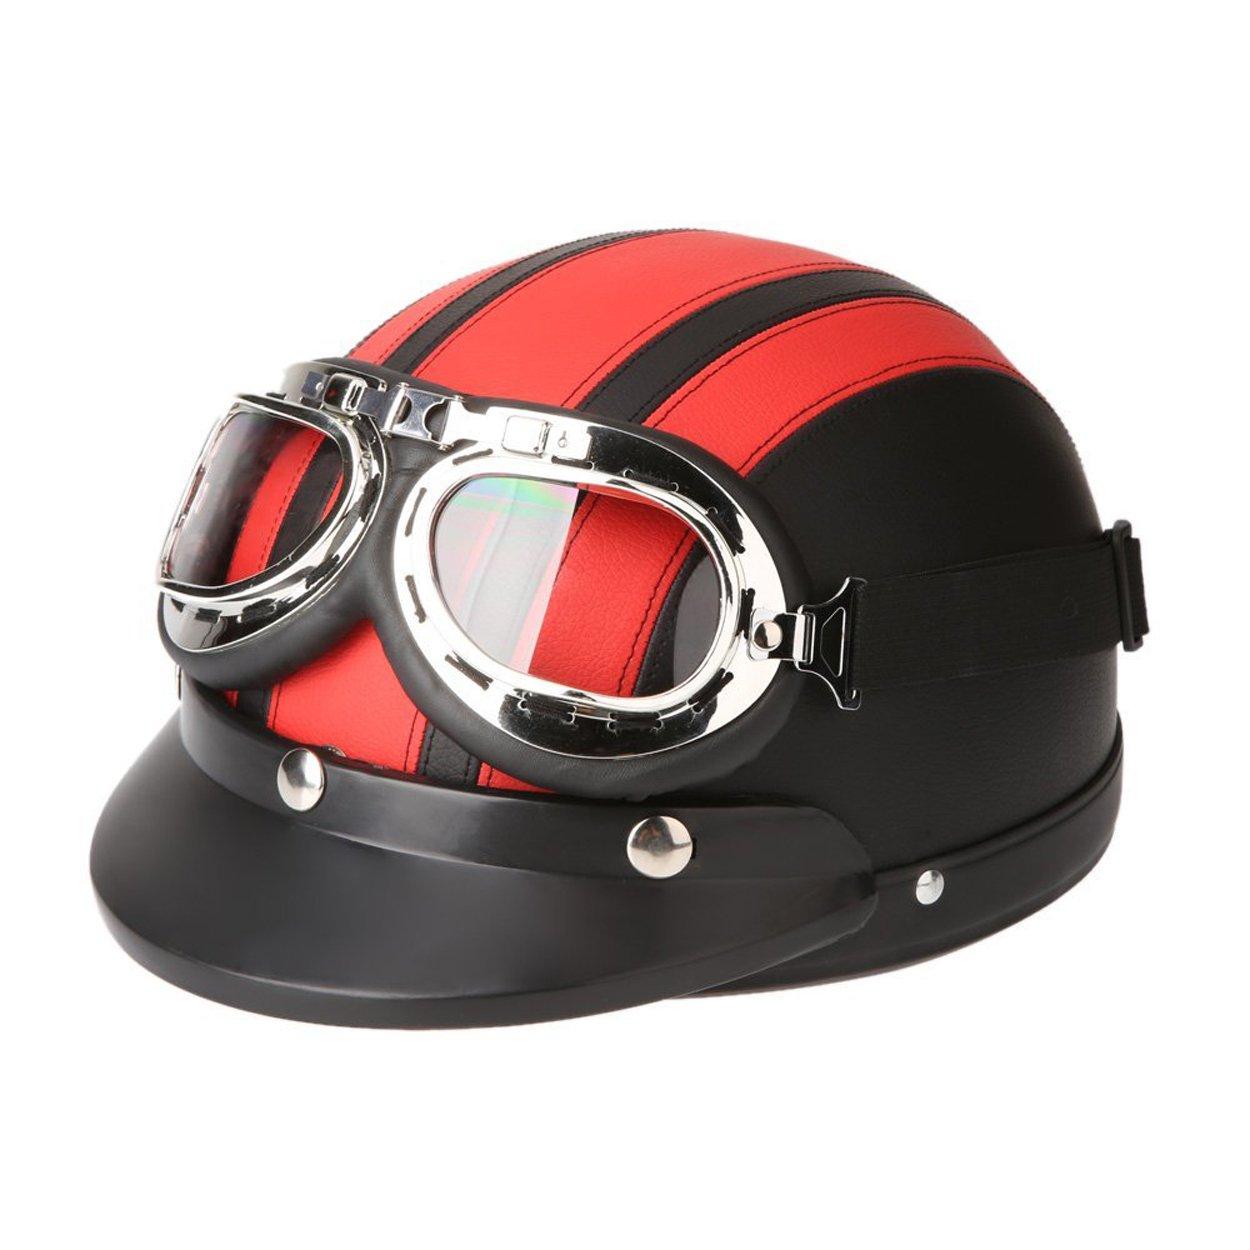 FREESOO Casco Abierto Protecció n para Motocicleta Scooter Bicicleta 54-60cm Ajustable con Visera UV Gafas Bufanda COMINU080895